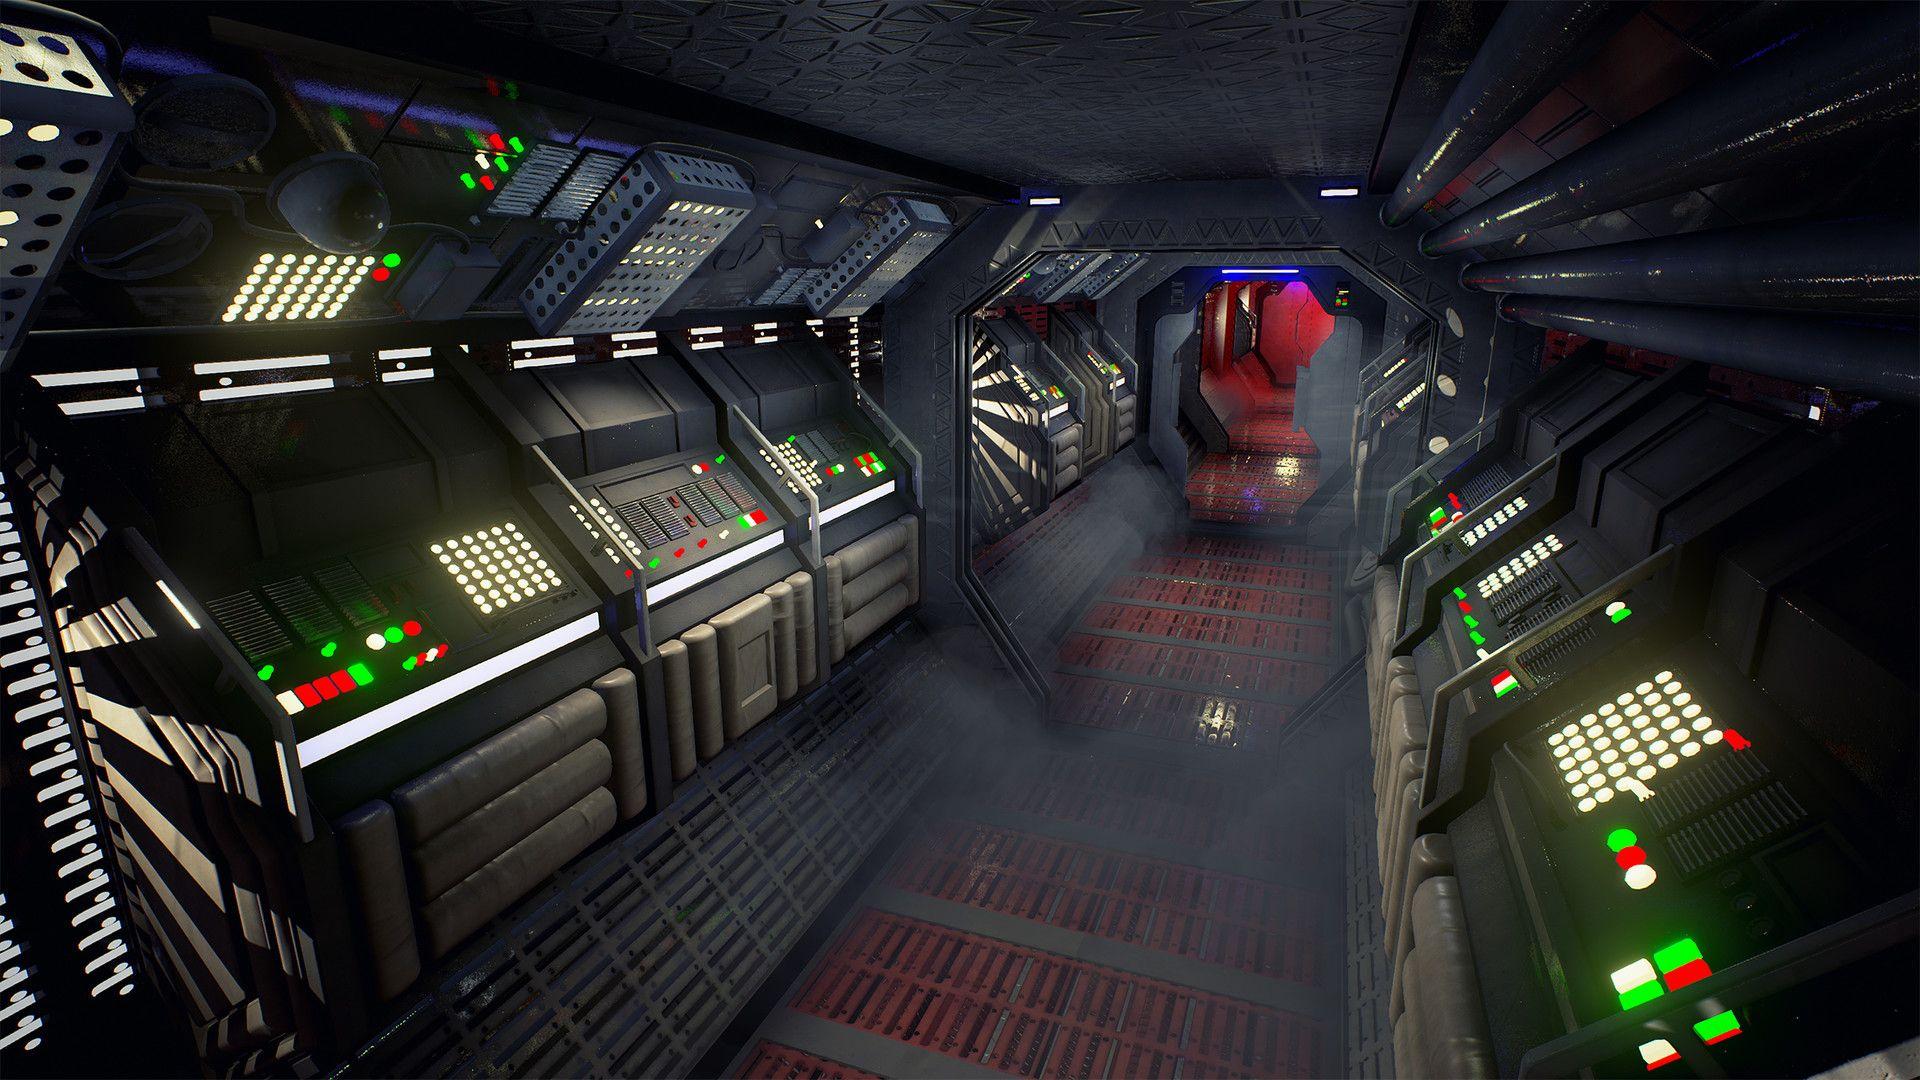 ArtStation - Sci-fi corridor based on Alien , Emiel Sleegers